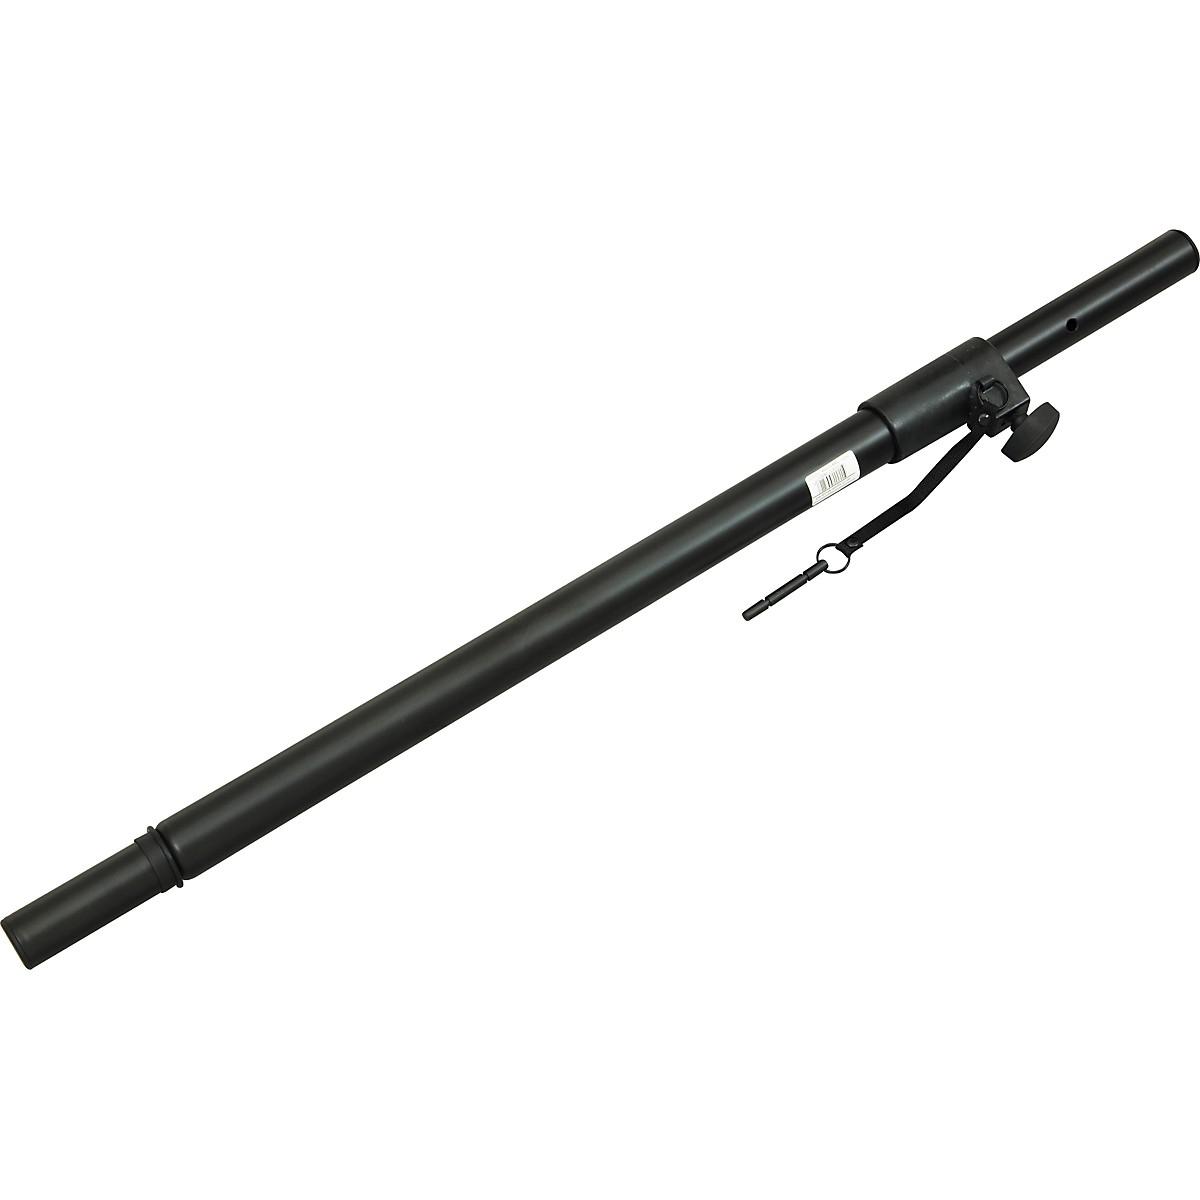 On-Stage ASP1 Adjustable Speaker Sub Pole